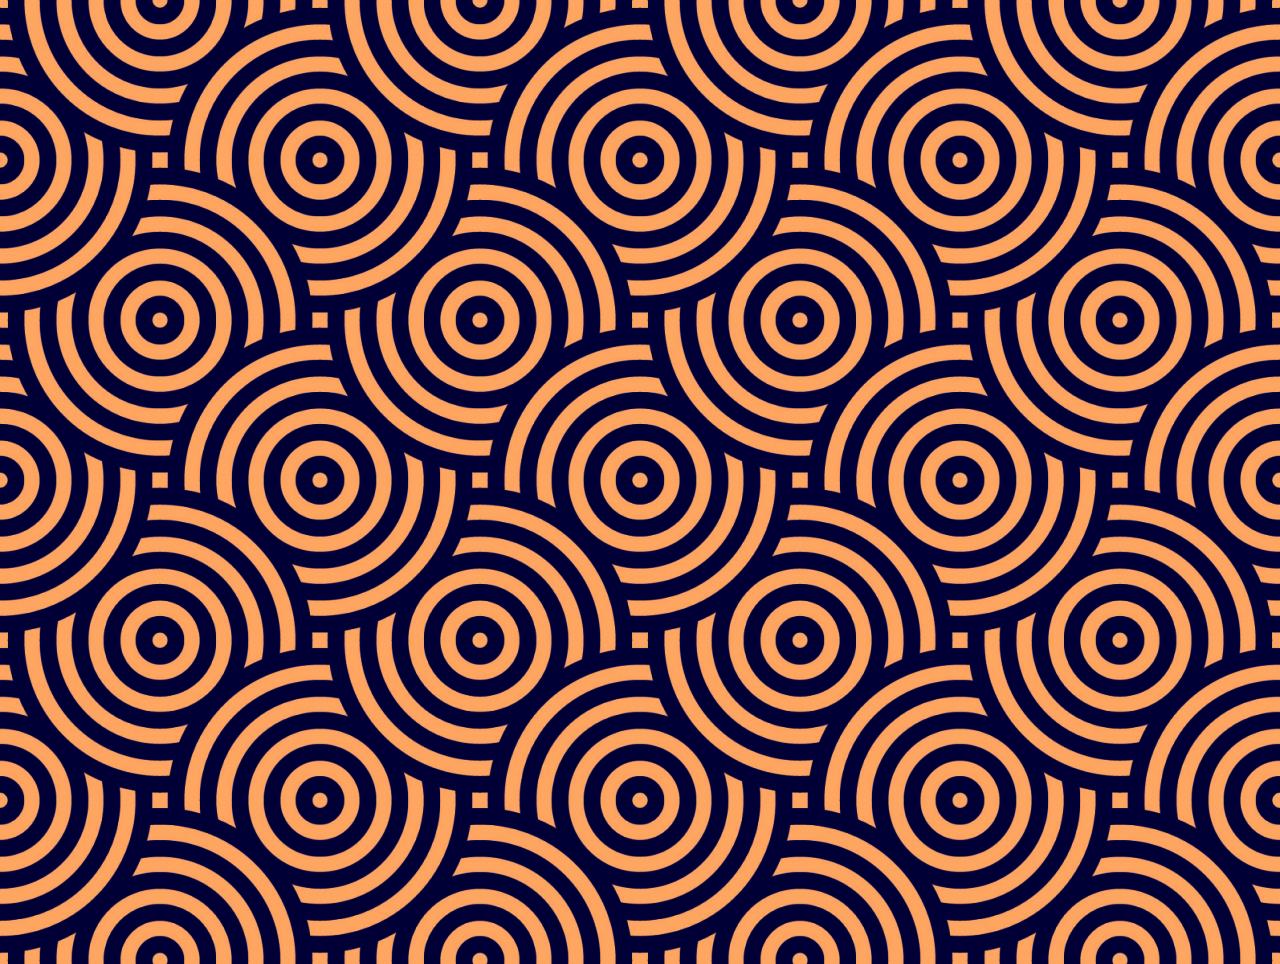 projektowanie wzorów